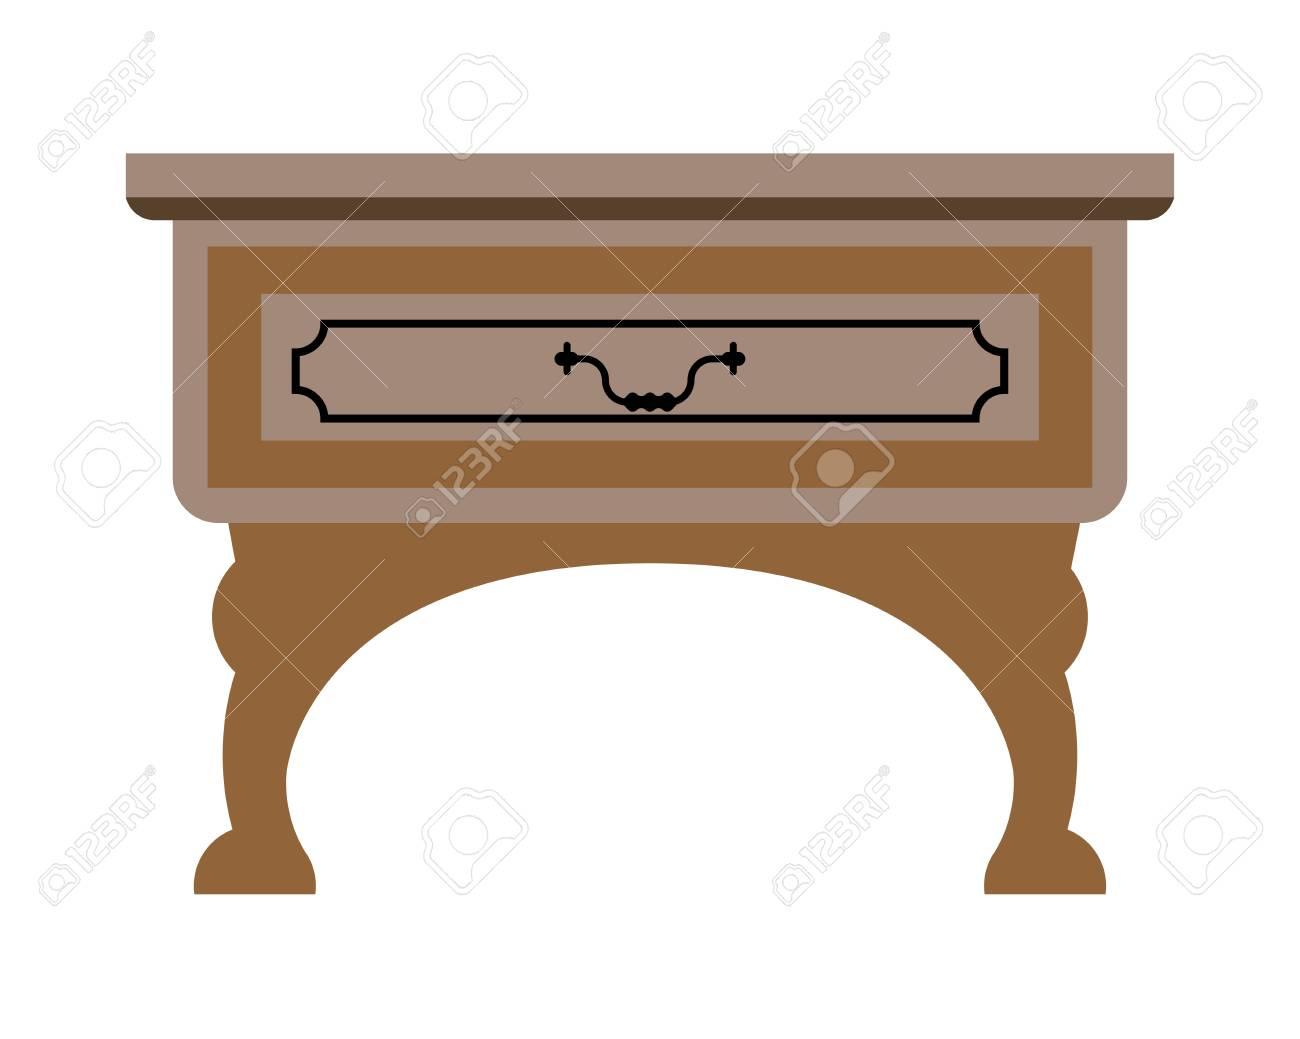 Wit Tafeltje Met Lade.Vector Illustratie Van Eenvoudige Houten Tafel Met Lade Geisoleerd Op Wit